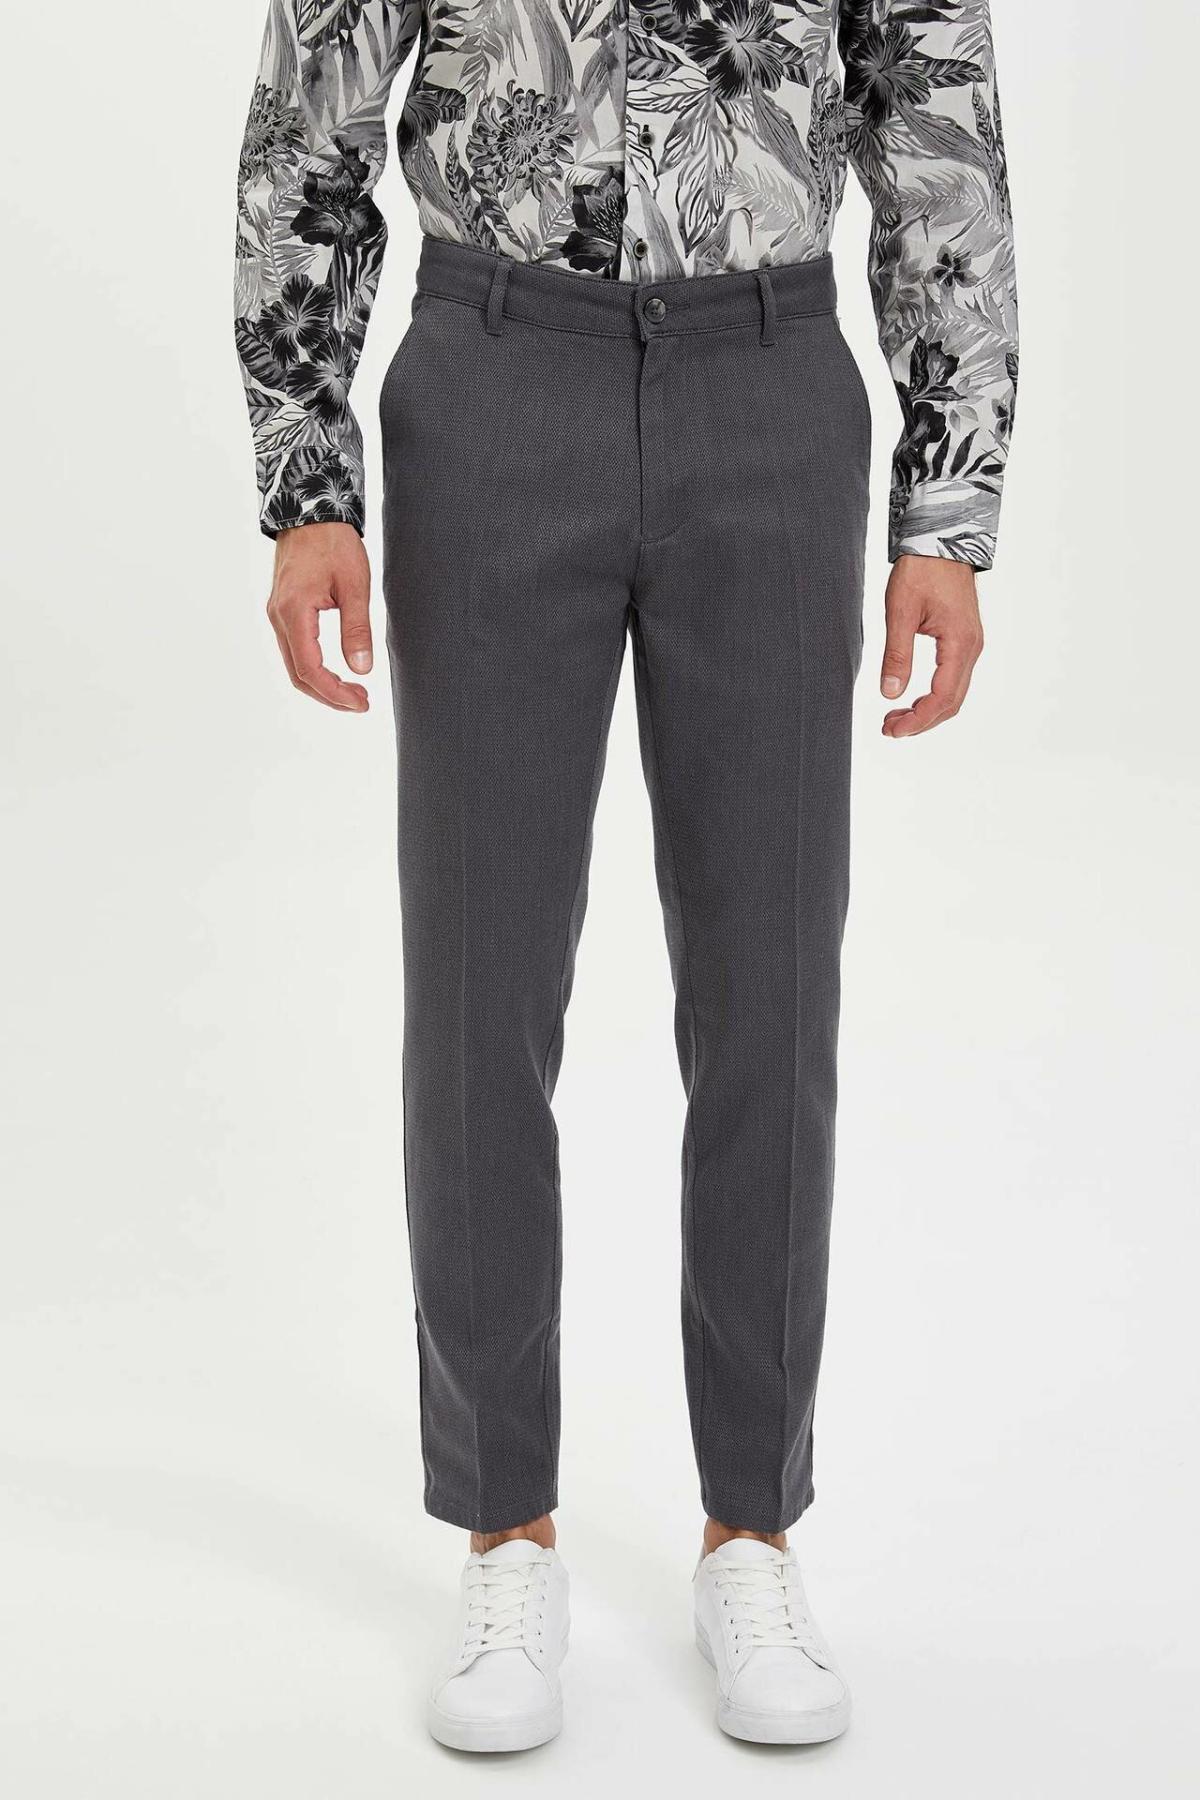 DeFacto Man Trousers-L6855AZ19AU